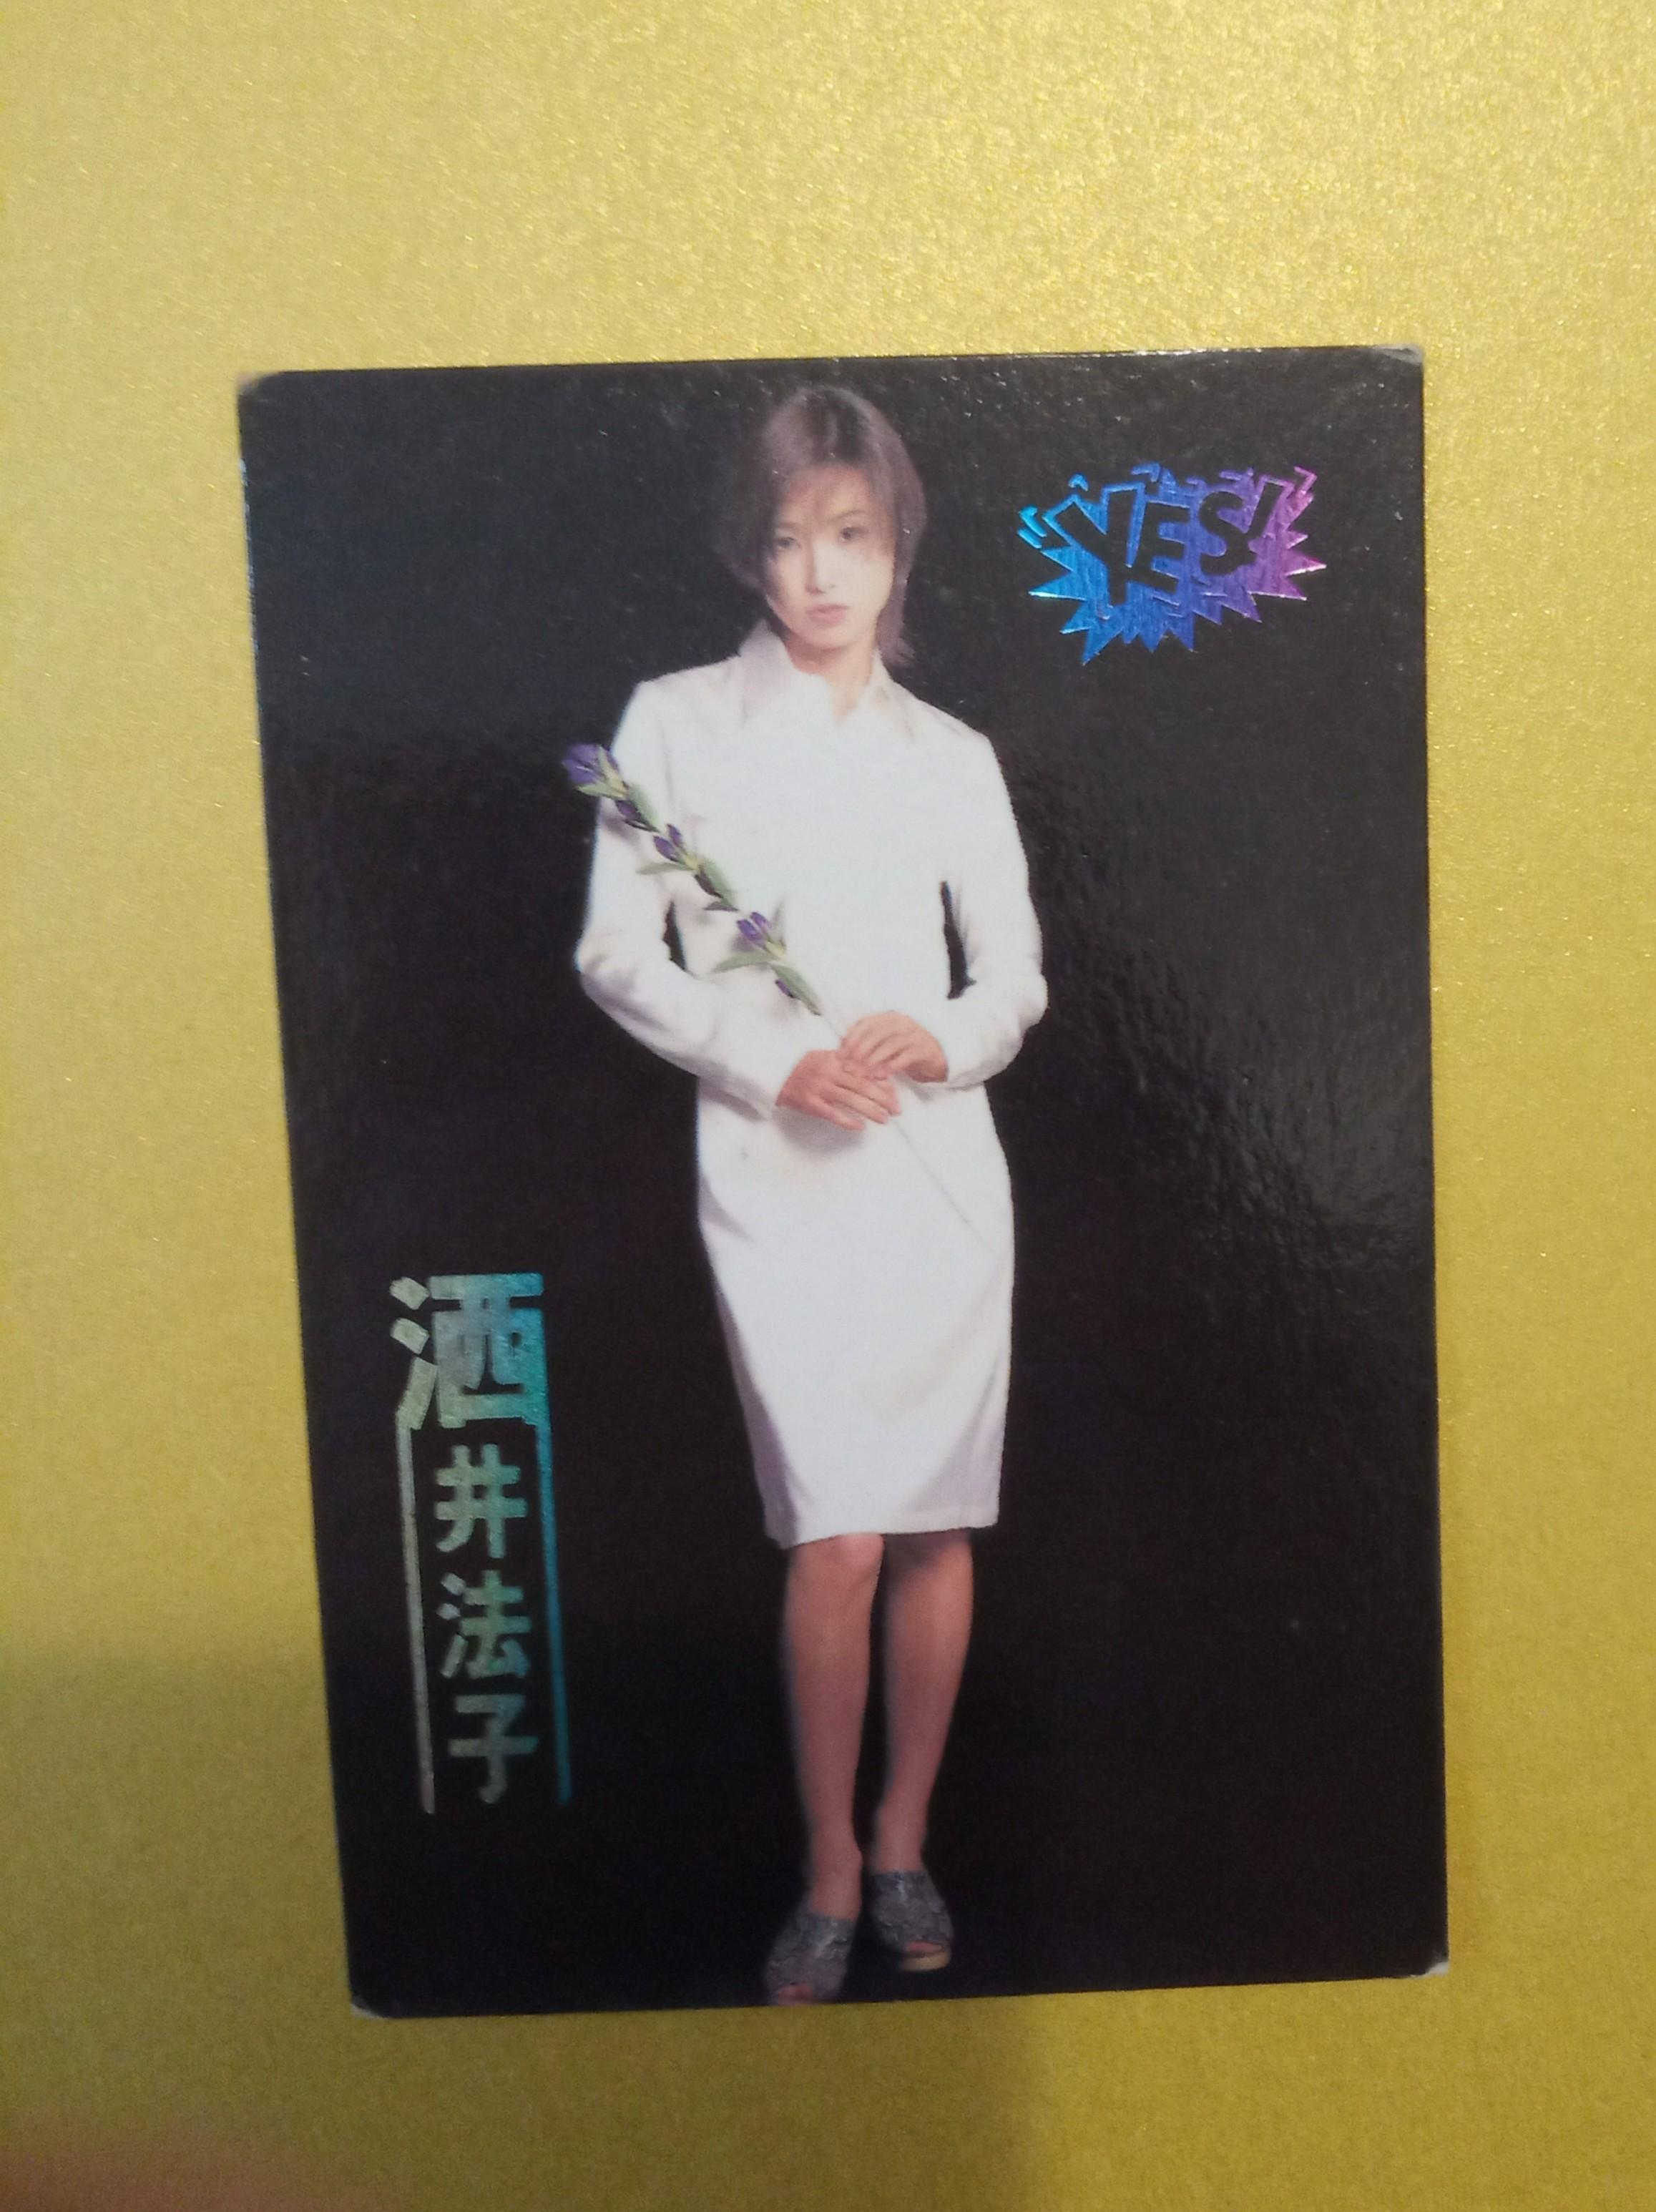 酒井法子 Noni-pi Noriko Sakai yes yescard 燙字特別版厚卡